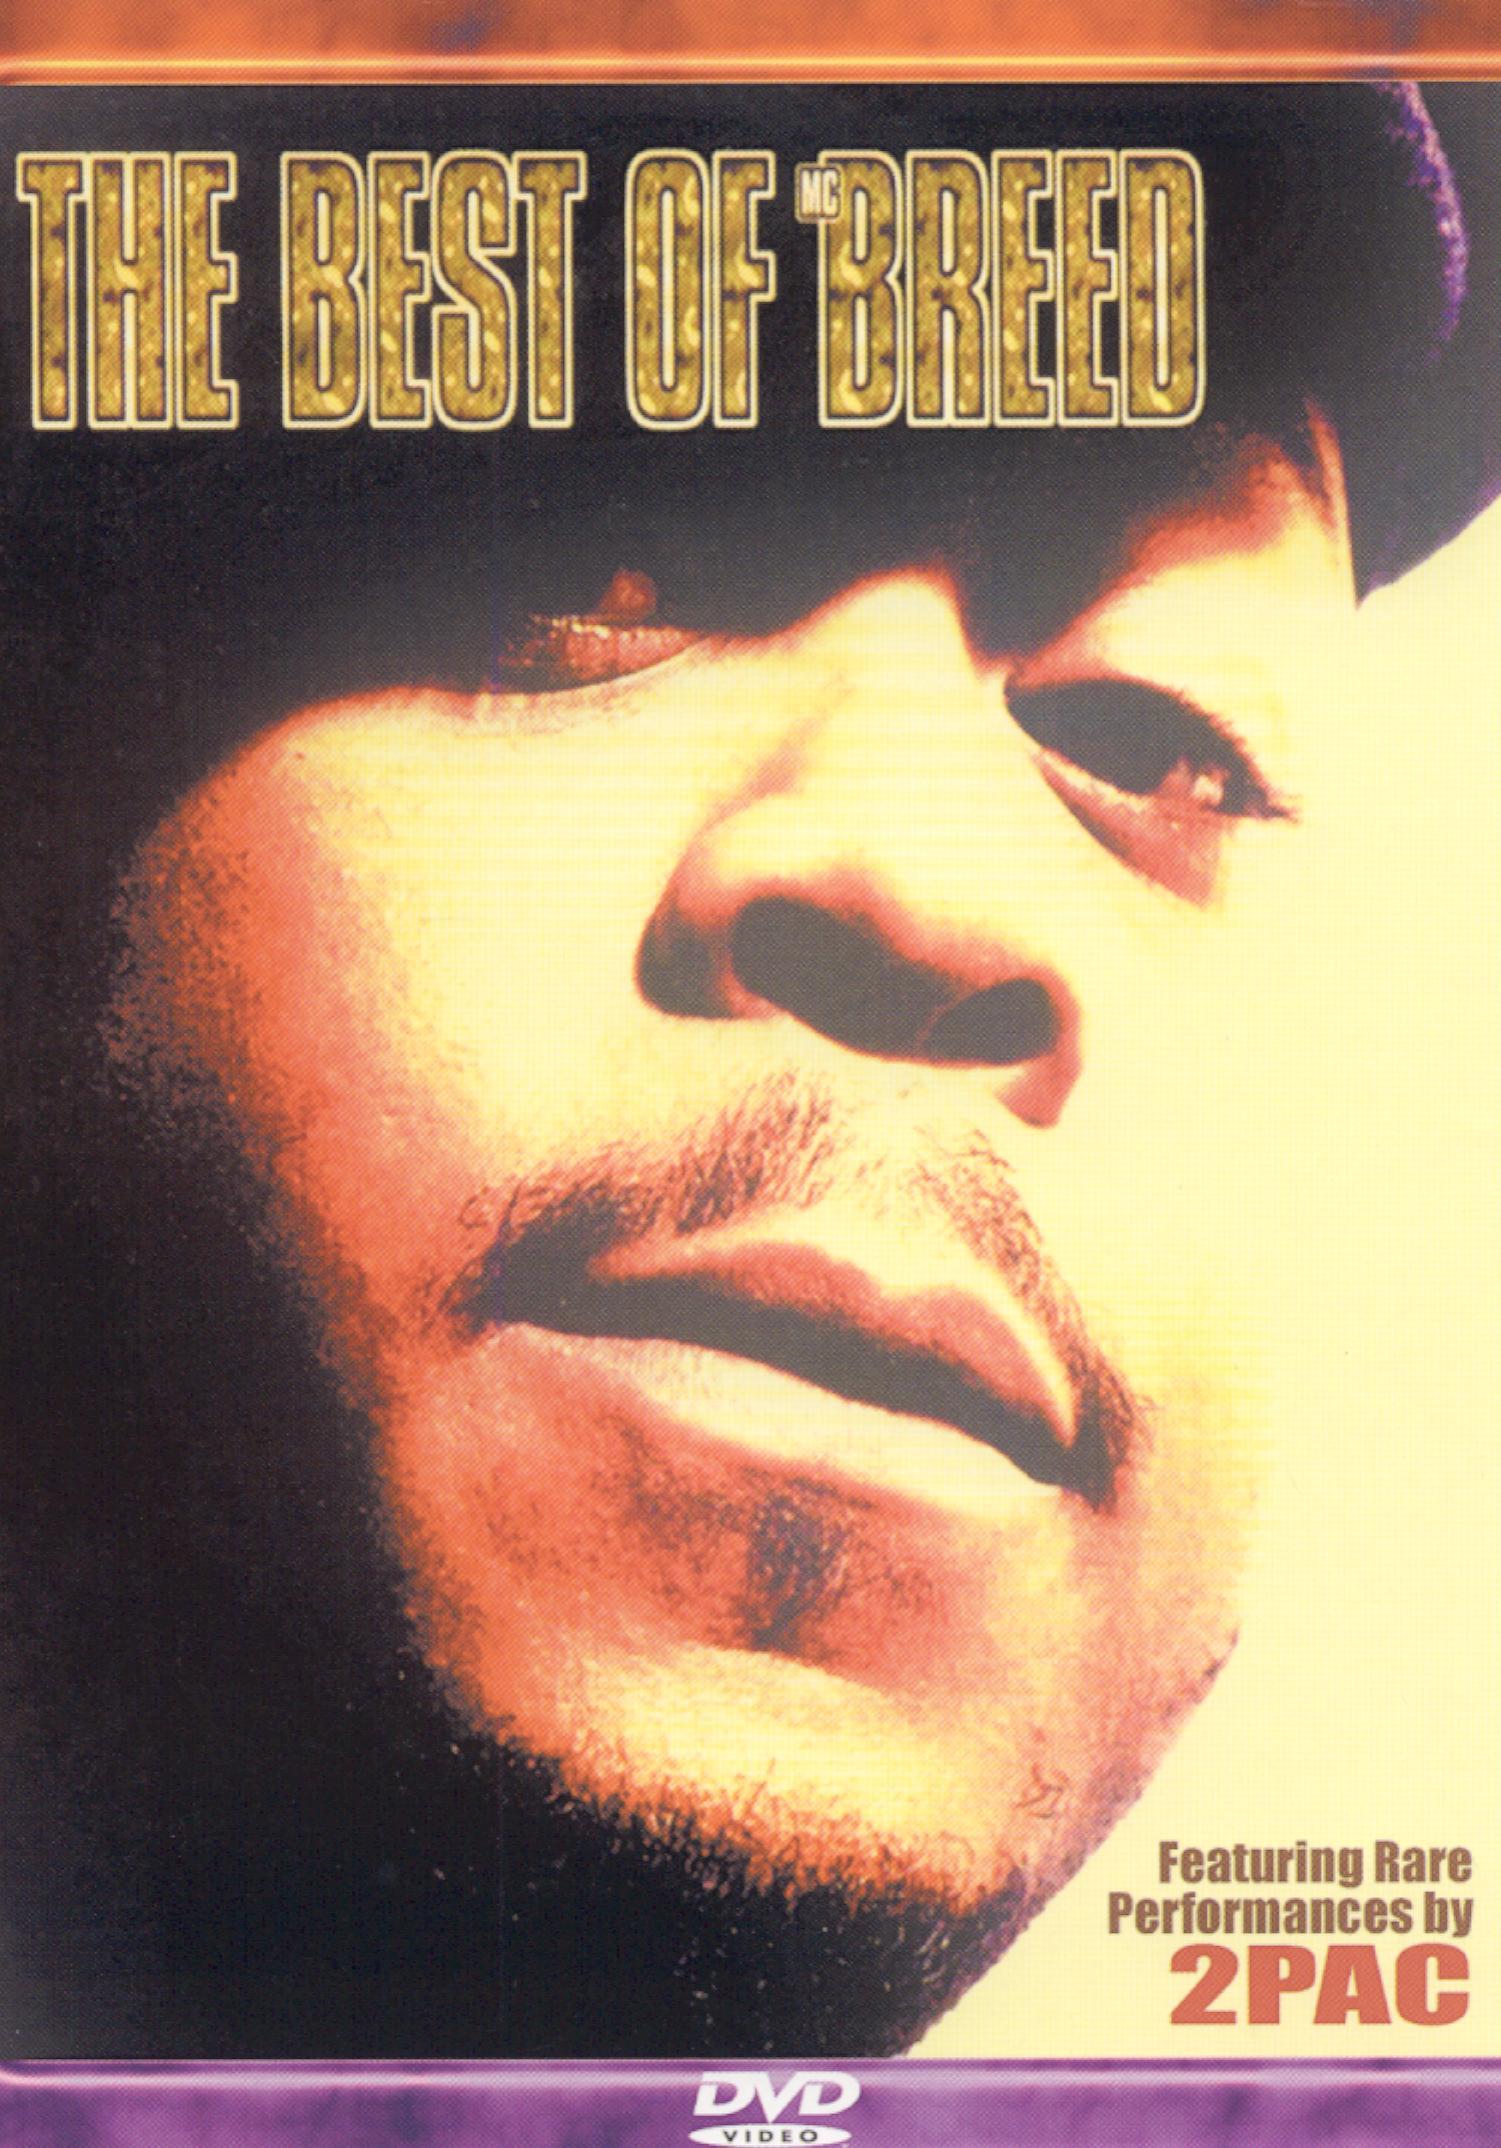 MC Breed: The Best of MC Breed